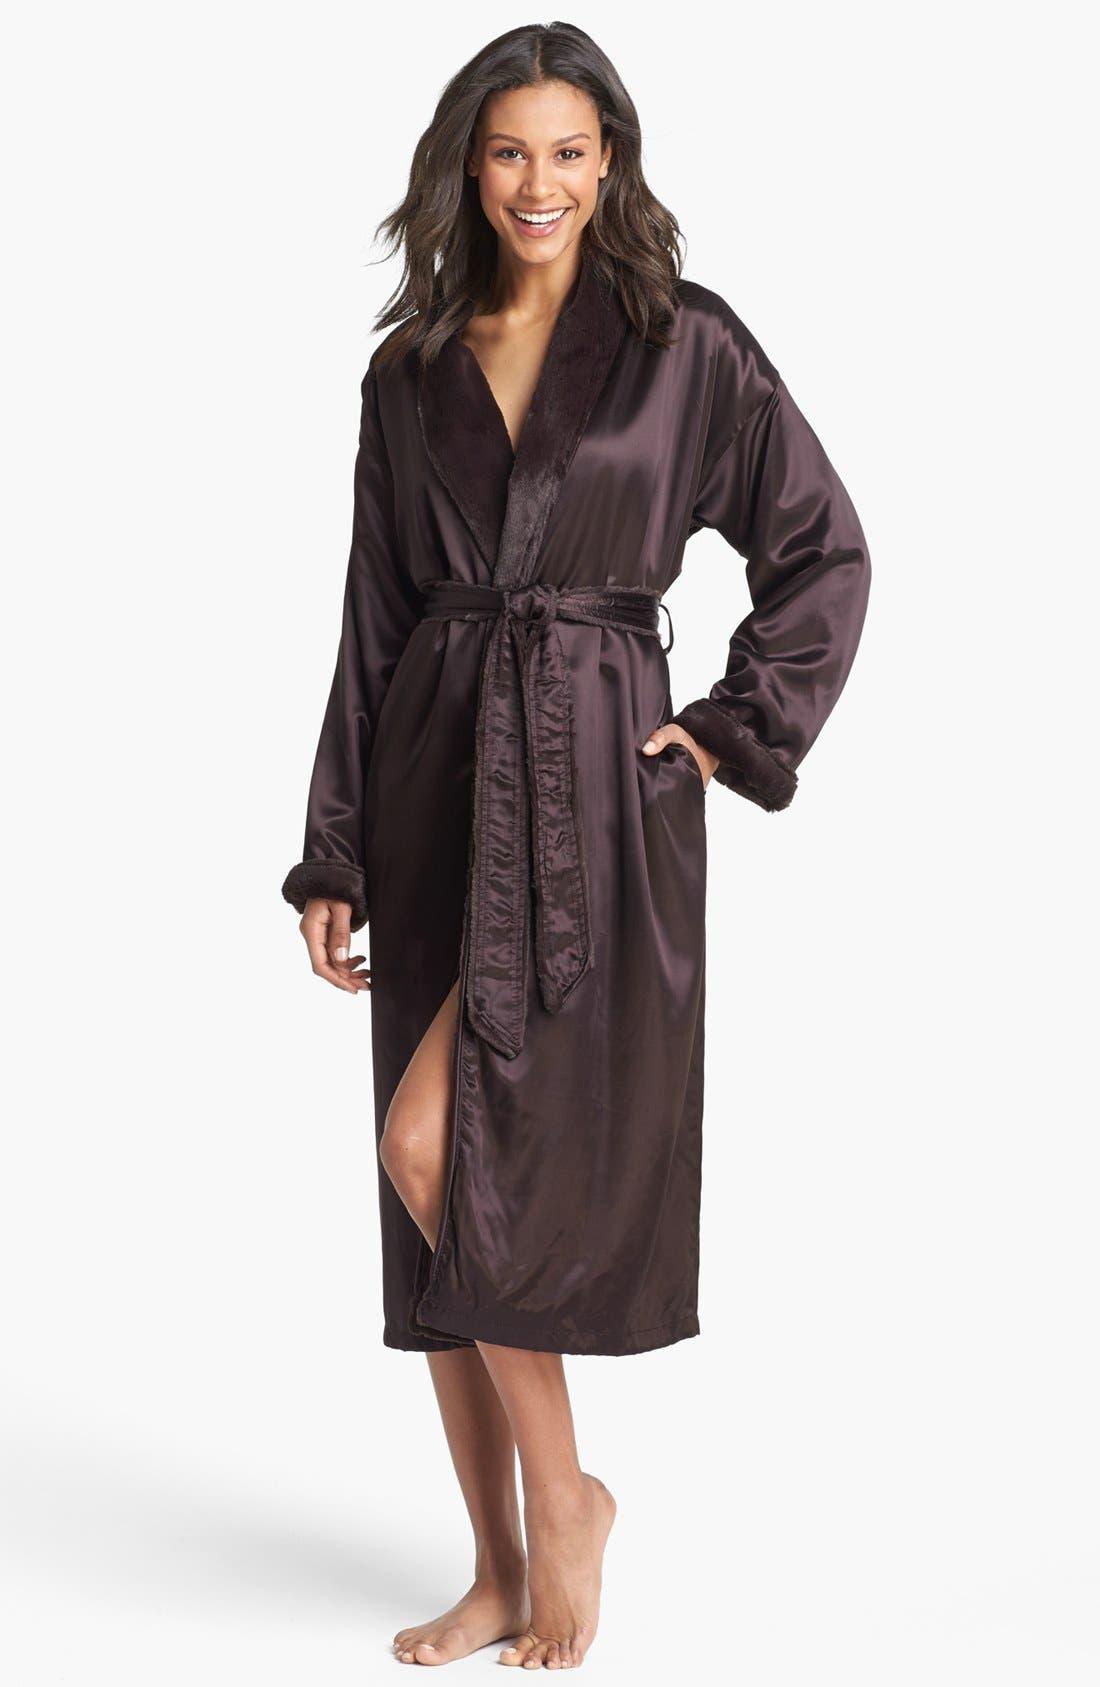 Satin robe in store